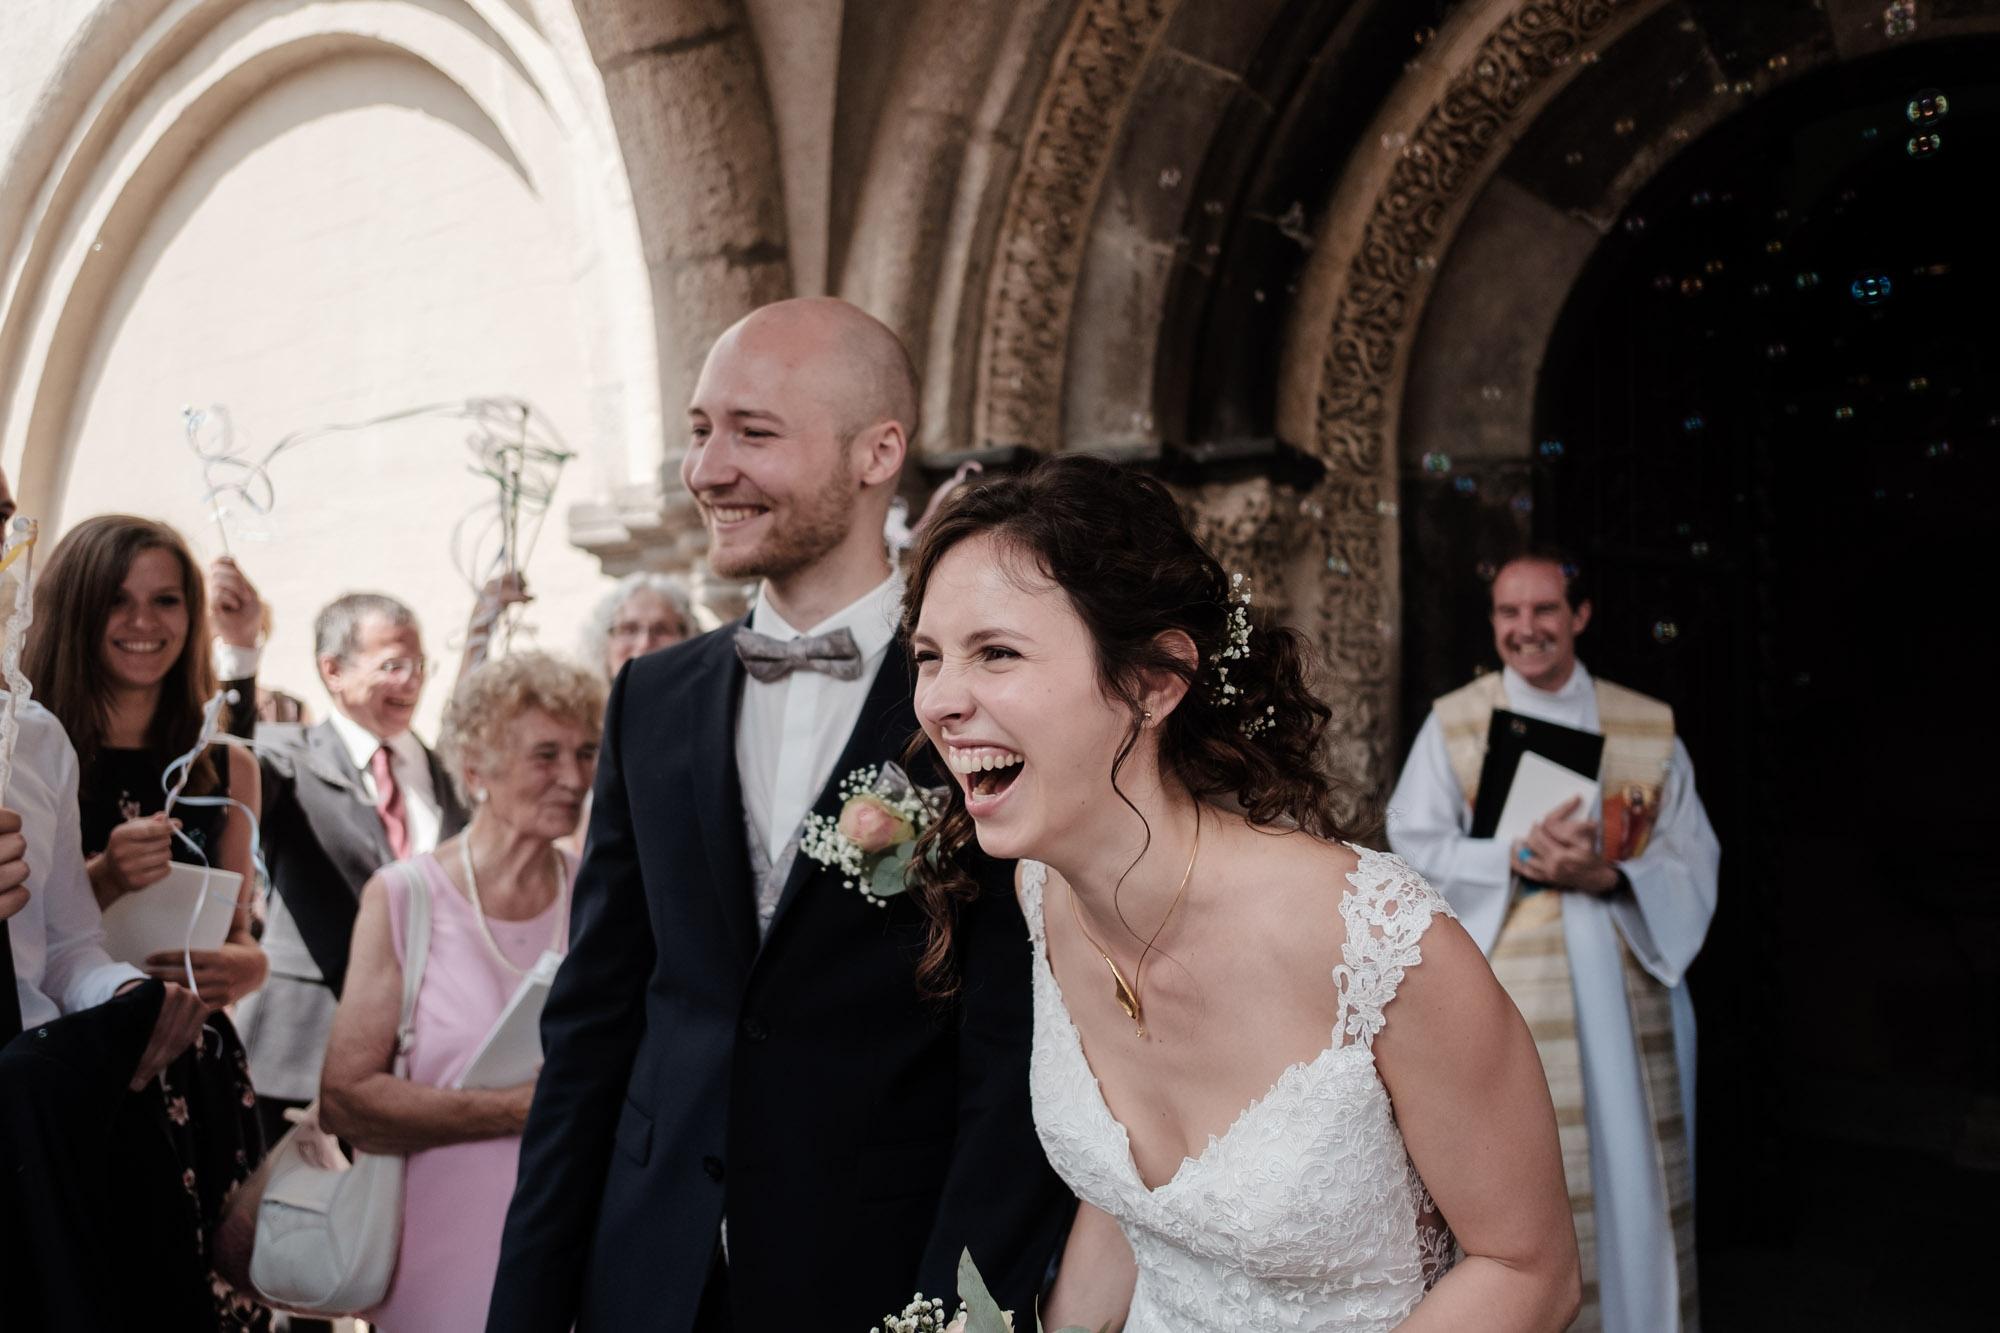 Lachende Braut beim Hochzeitsempfang nach der Trauung